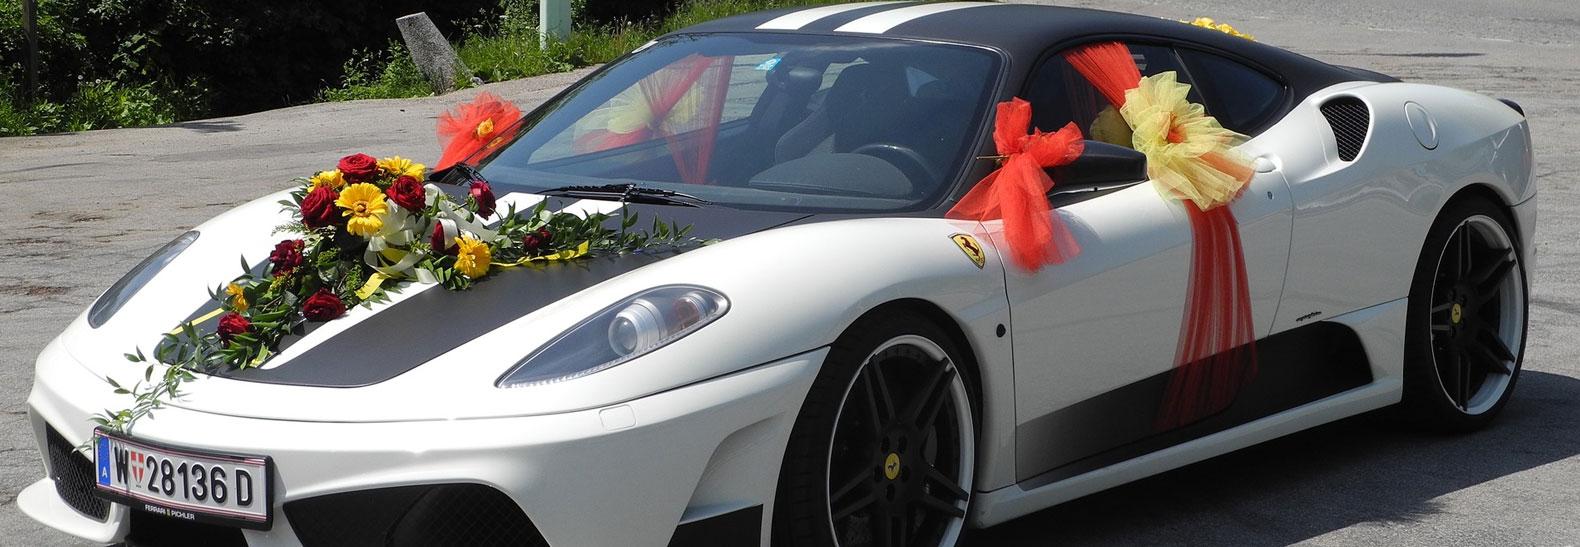 Matrimonio In Ferrari : Quale auto prendere per il proprio matrimonio guida